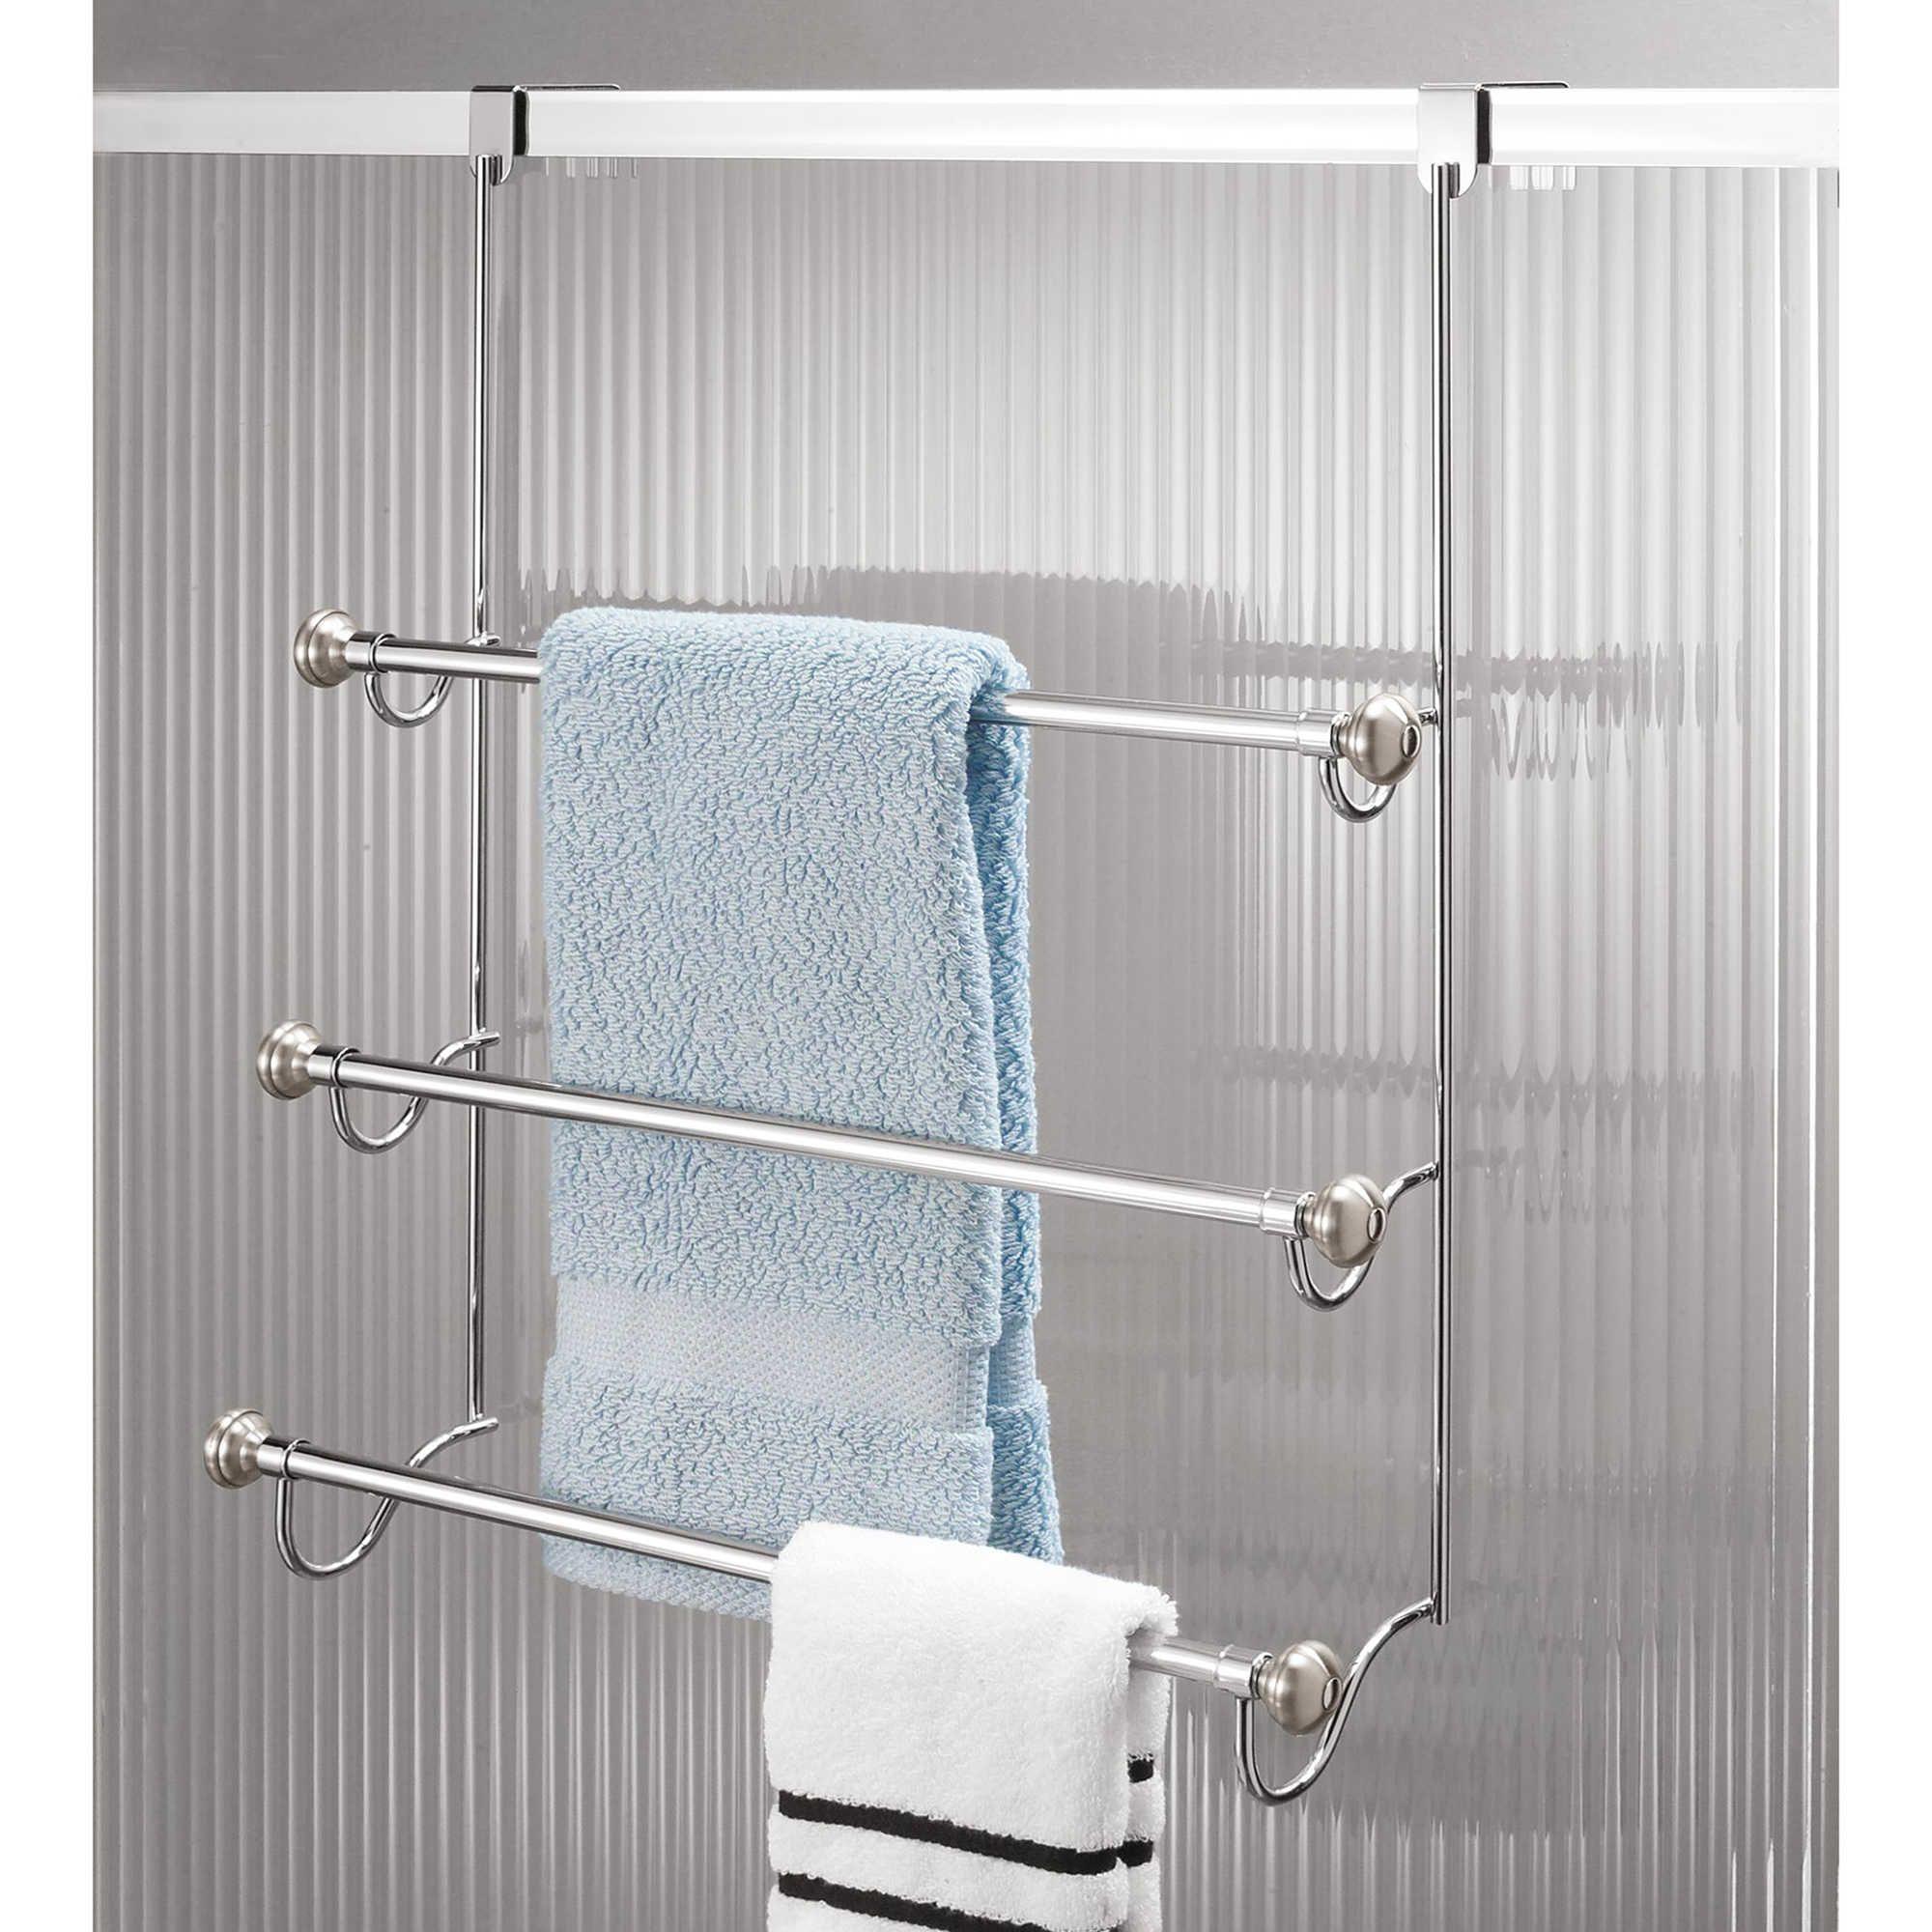 Interdesign York 3 Tier Over The Door Towel Rack In Brushed